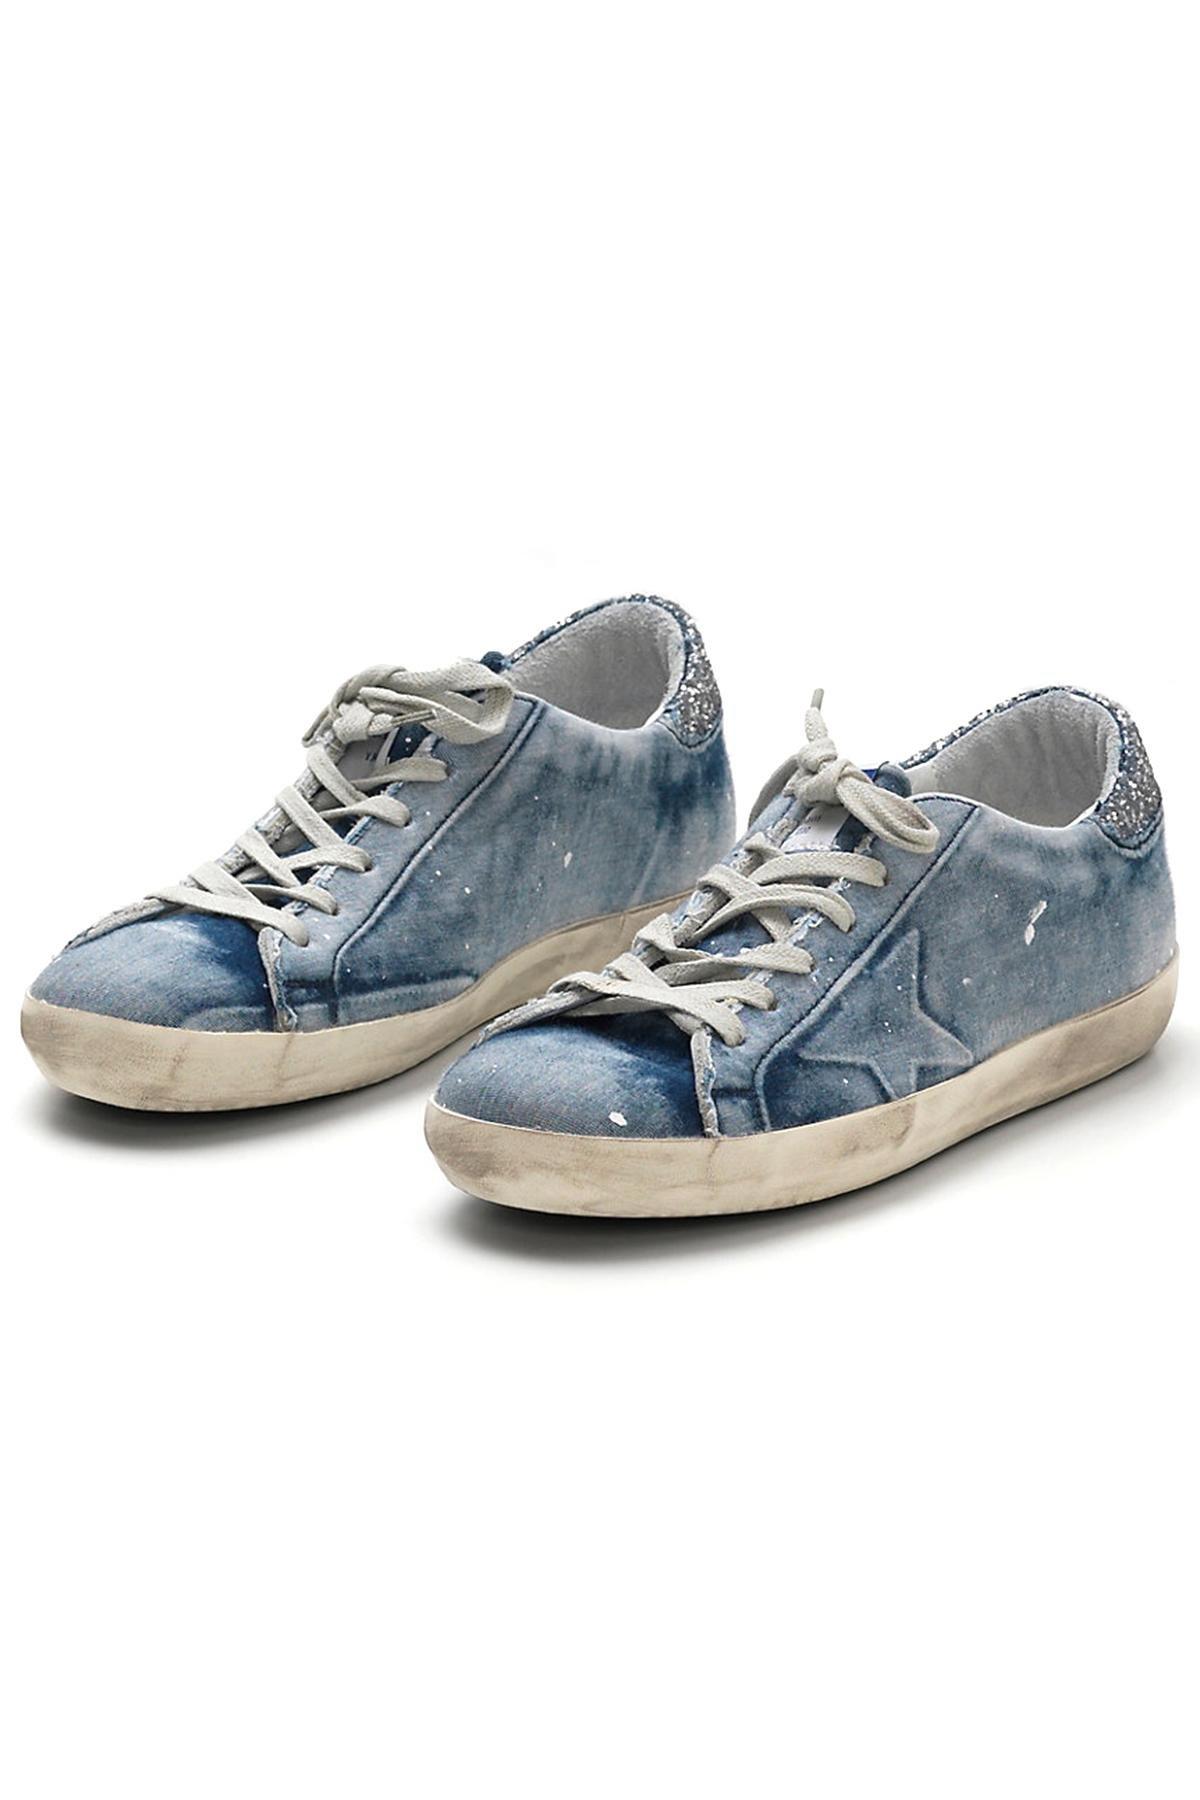 fd5ea784b6f5c Golden Goose Deluxe Brand Superstar Denim Sneaker in Blue - Lyst